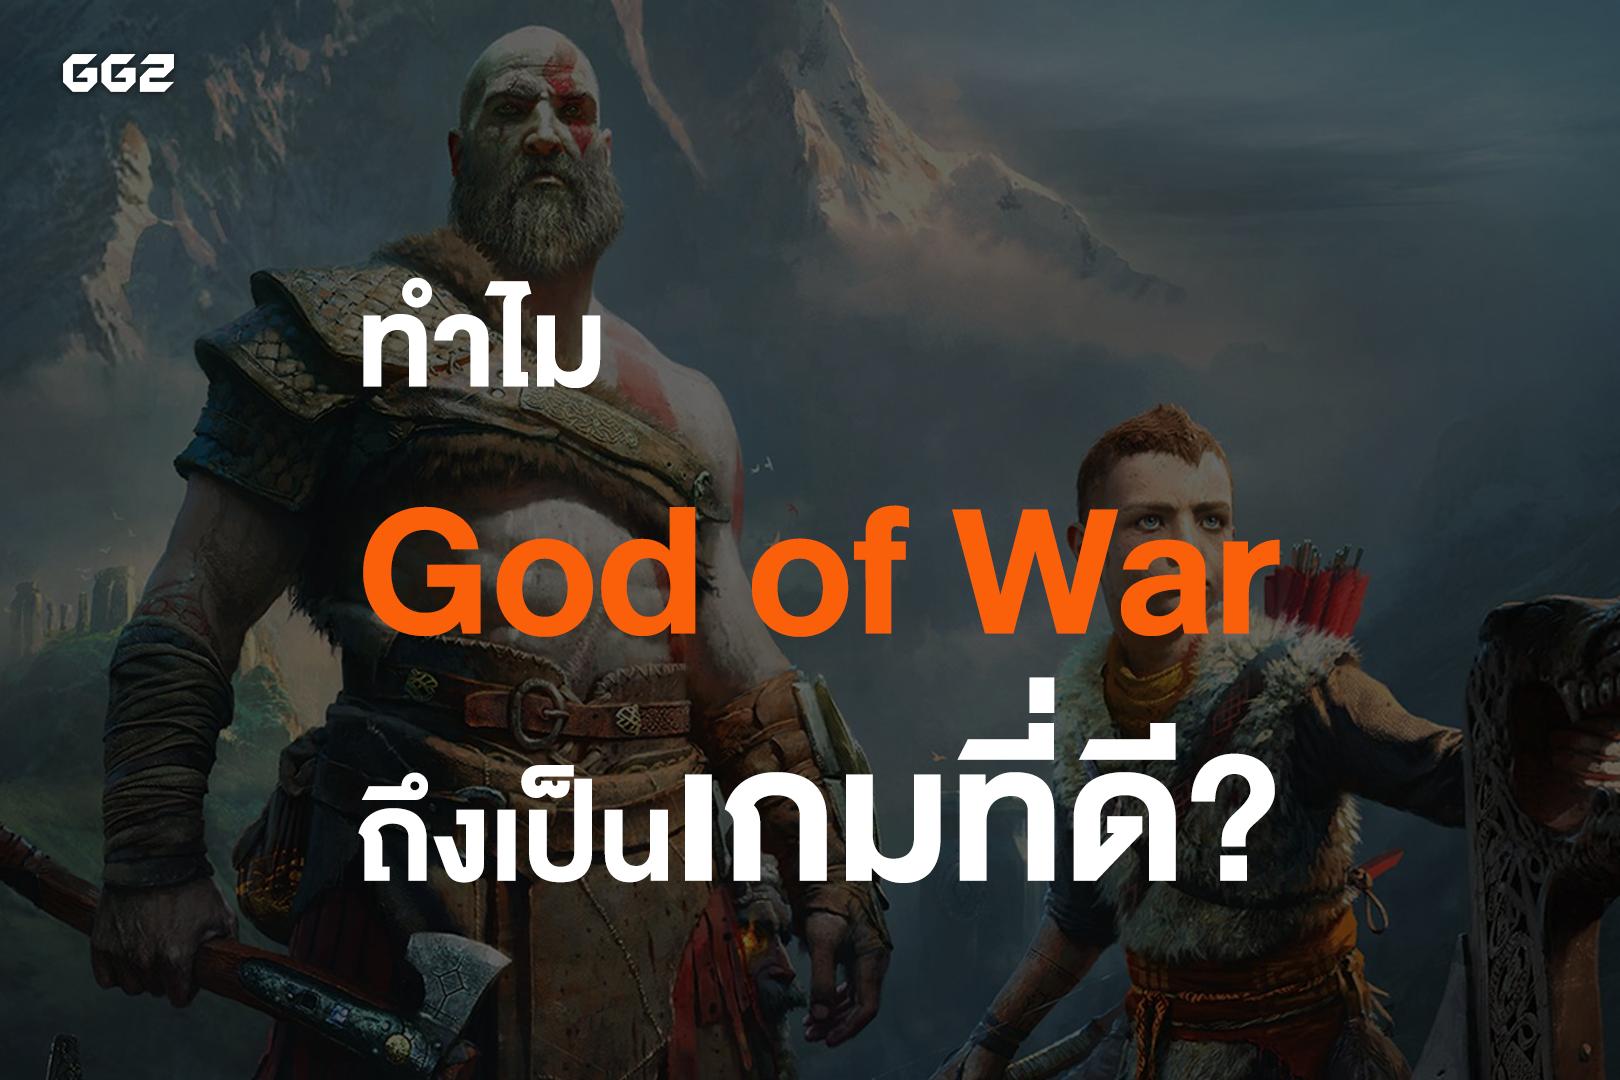 ทำไม God of War ถึงเป็นเกมที่ดี?